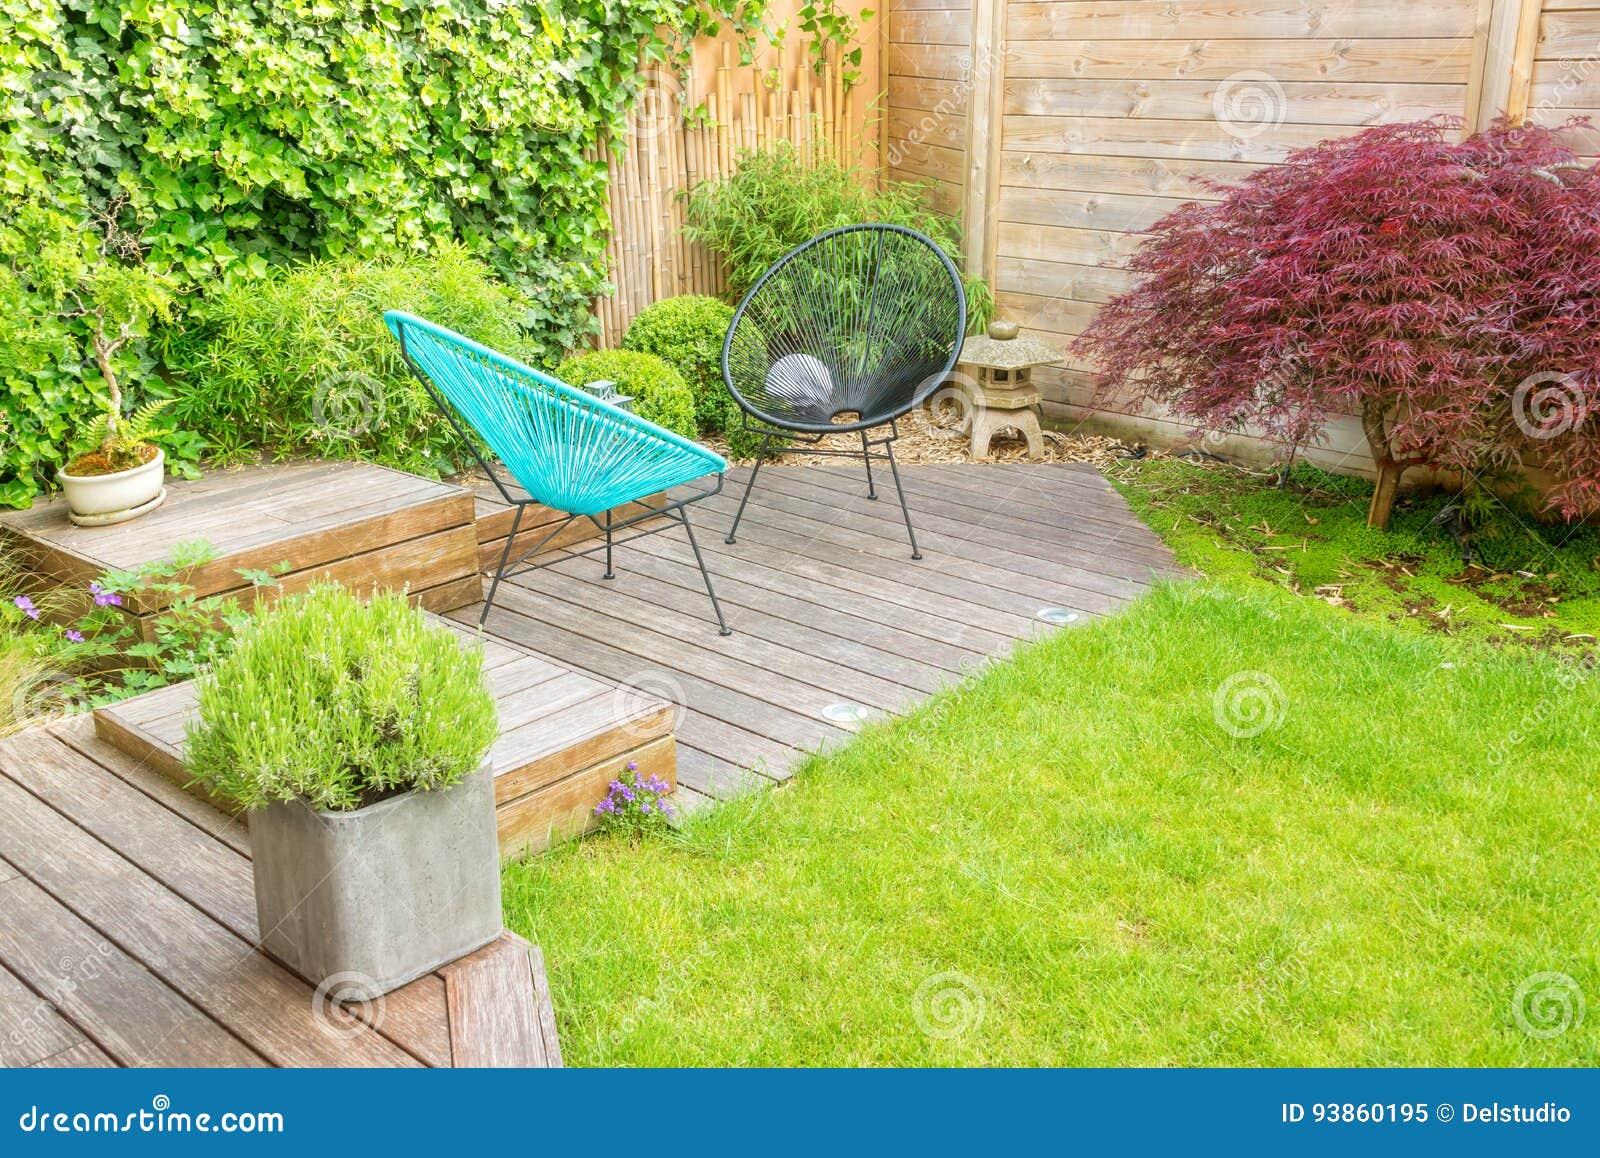 Klein terras in een eigentijdse stedelijke tuin stock afbeelding